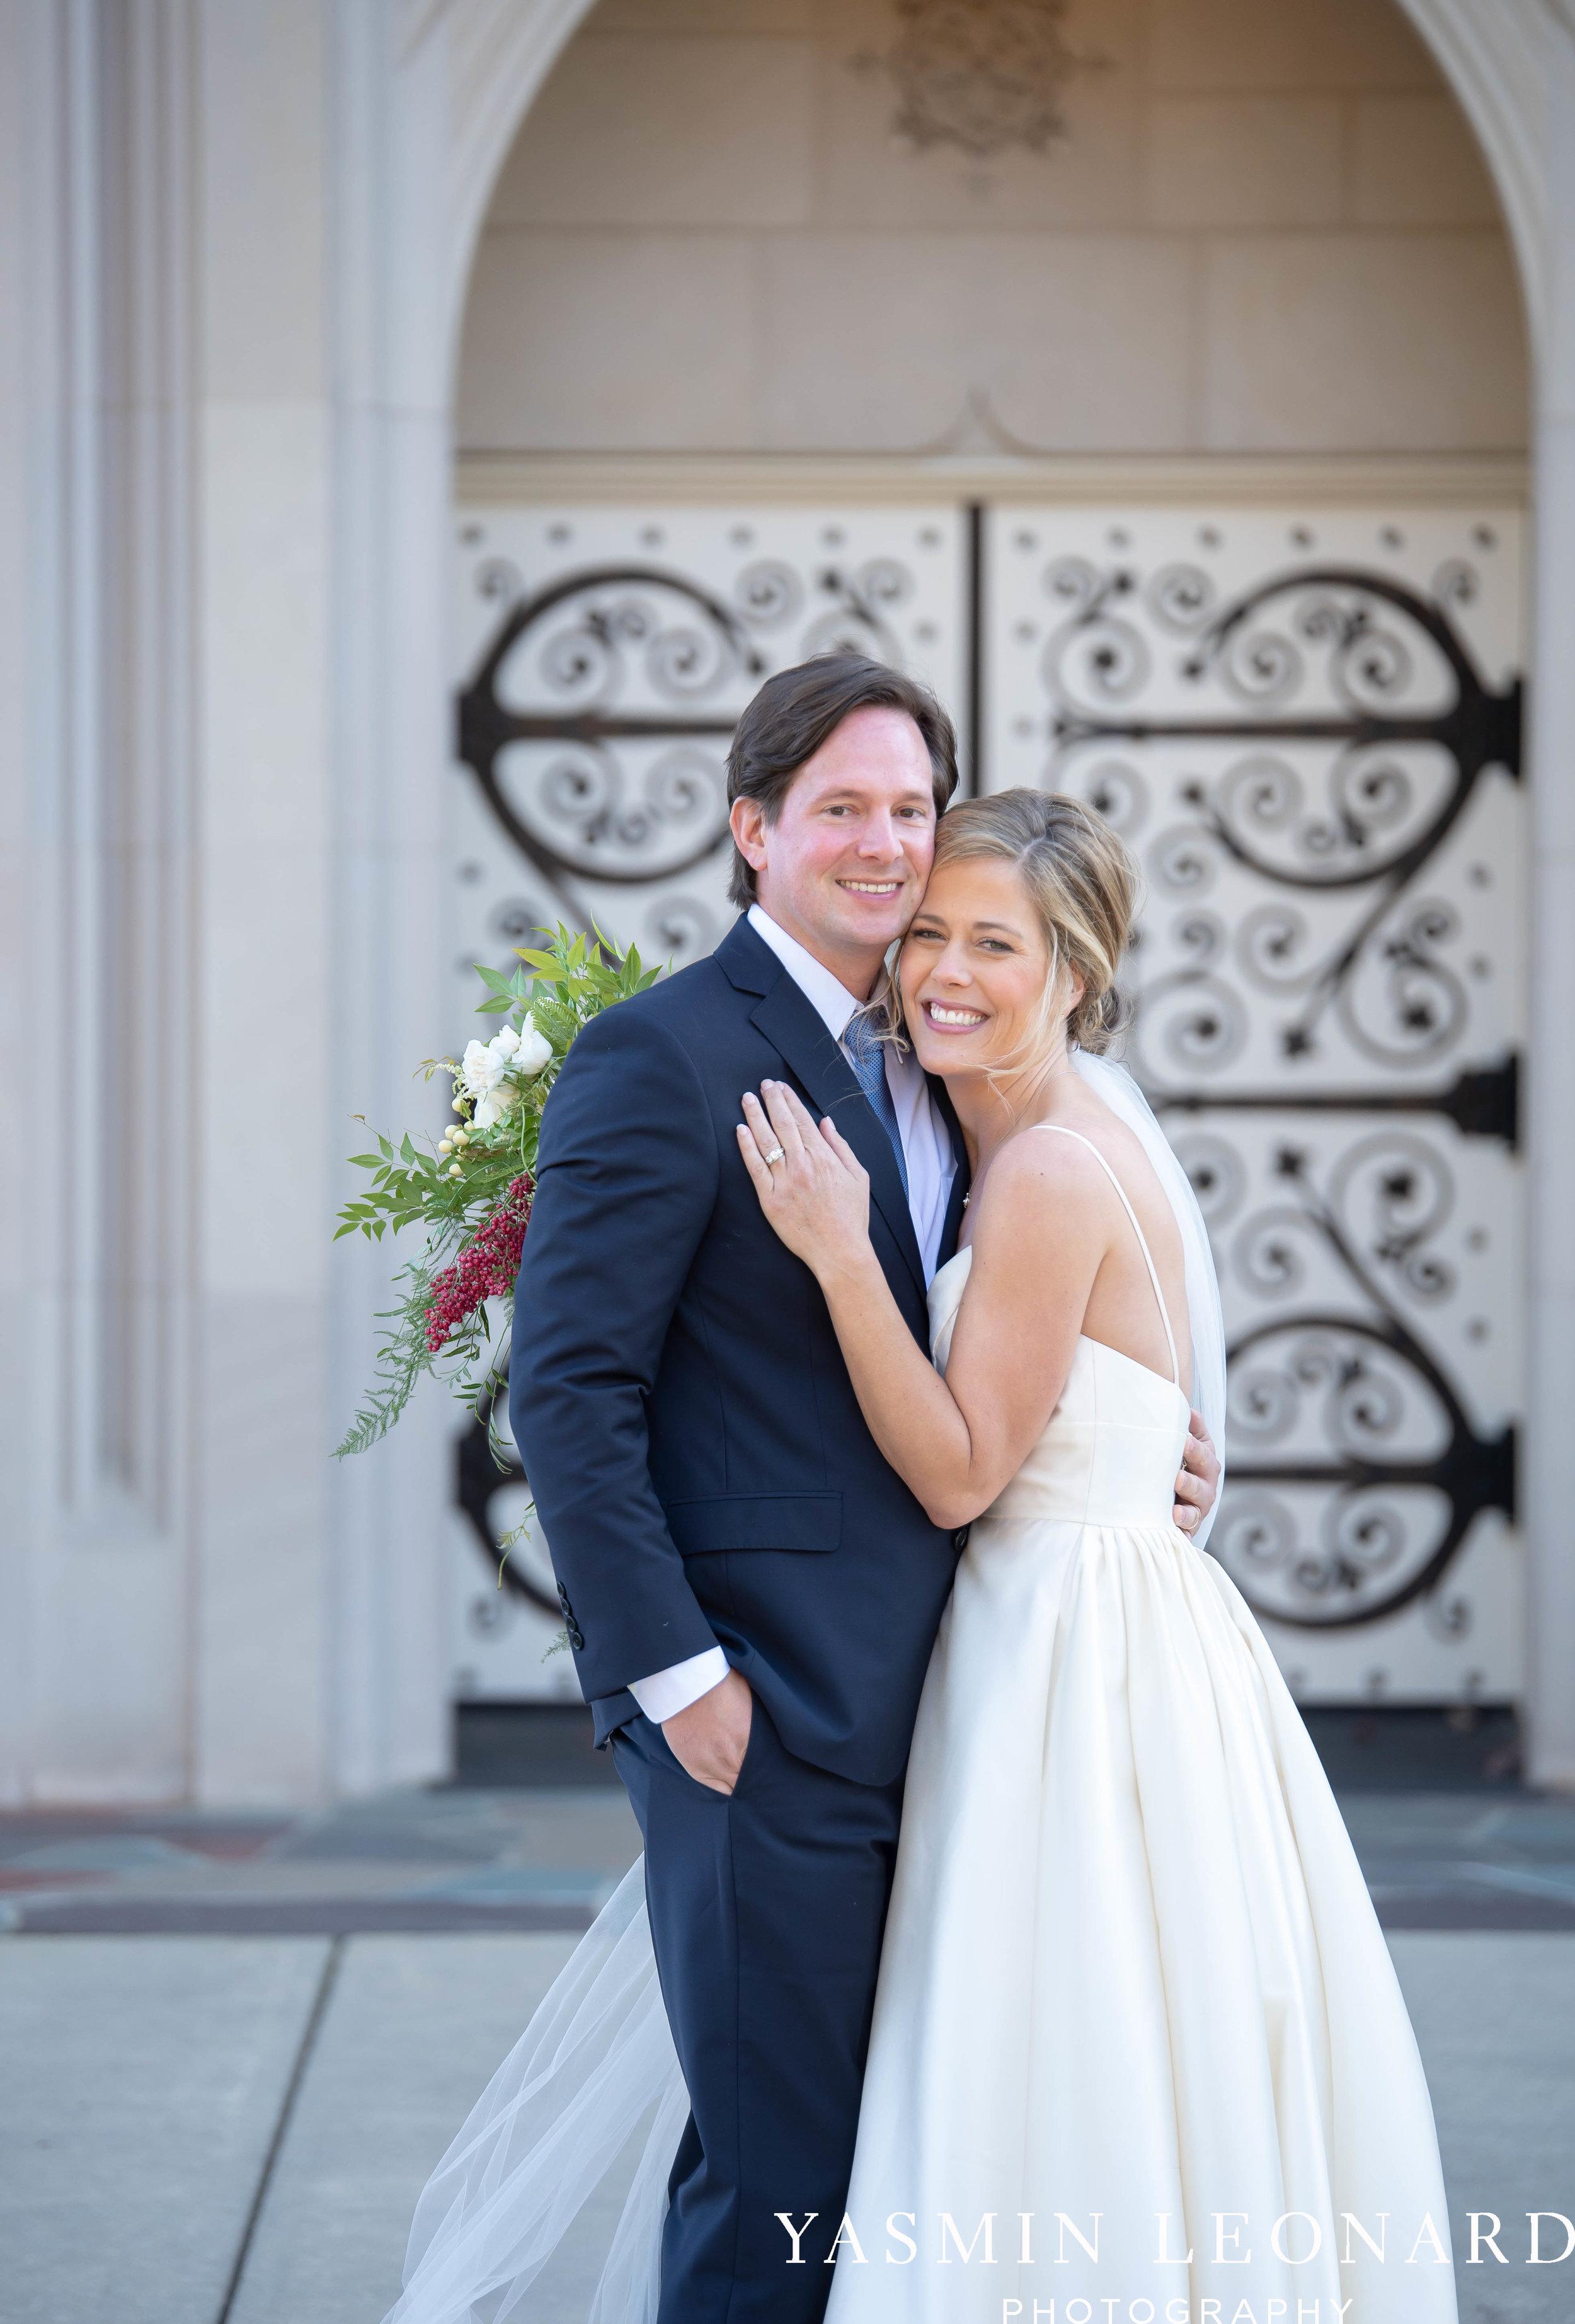 Wesley Memorial United Methodist Church - EmeryWood - High Point Weddings - High Point Wedding Photographer - NC Wedding Photographer - Yasmin Leonard Photography-35.jpg